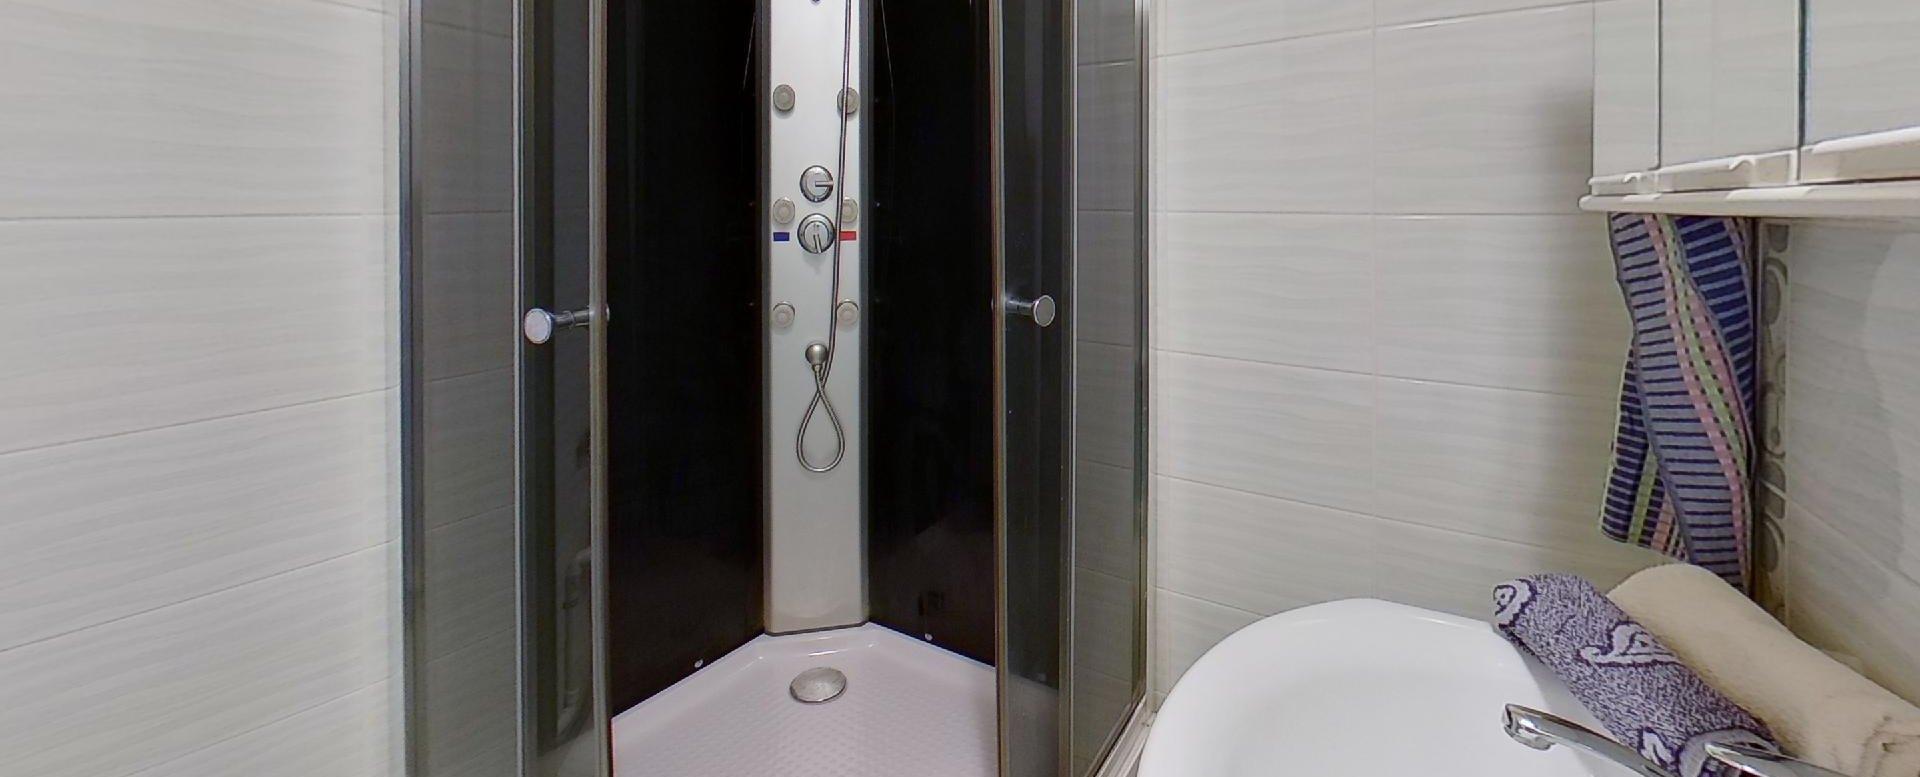 Kúpeľňa so sprchovým kútom 3-izbového bytu v pôdovnom stave na Pražskej ulici v Košiciach